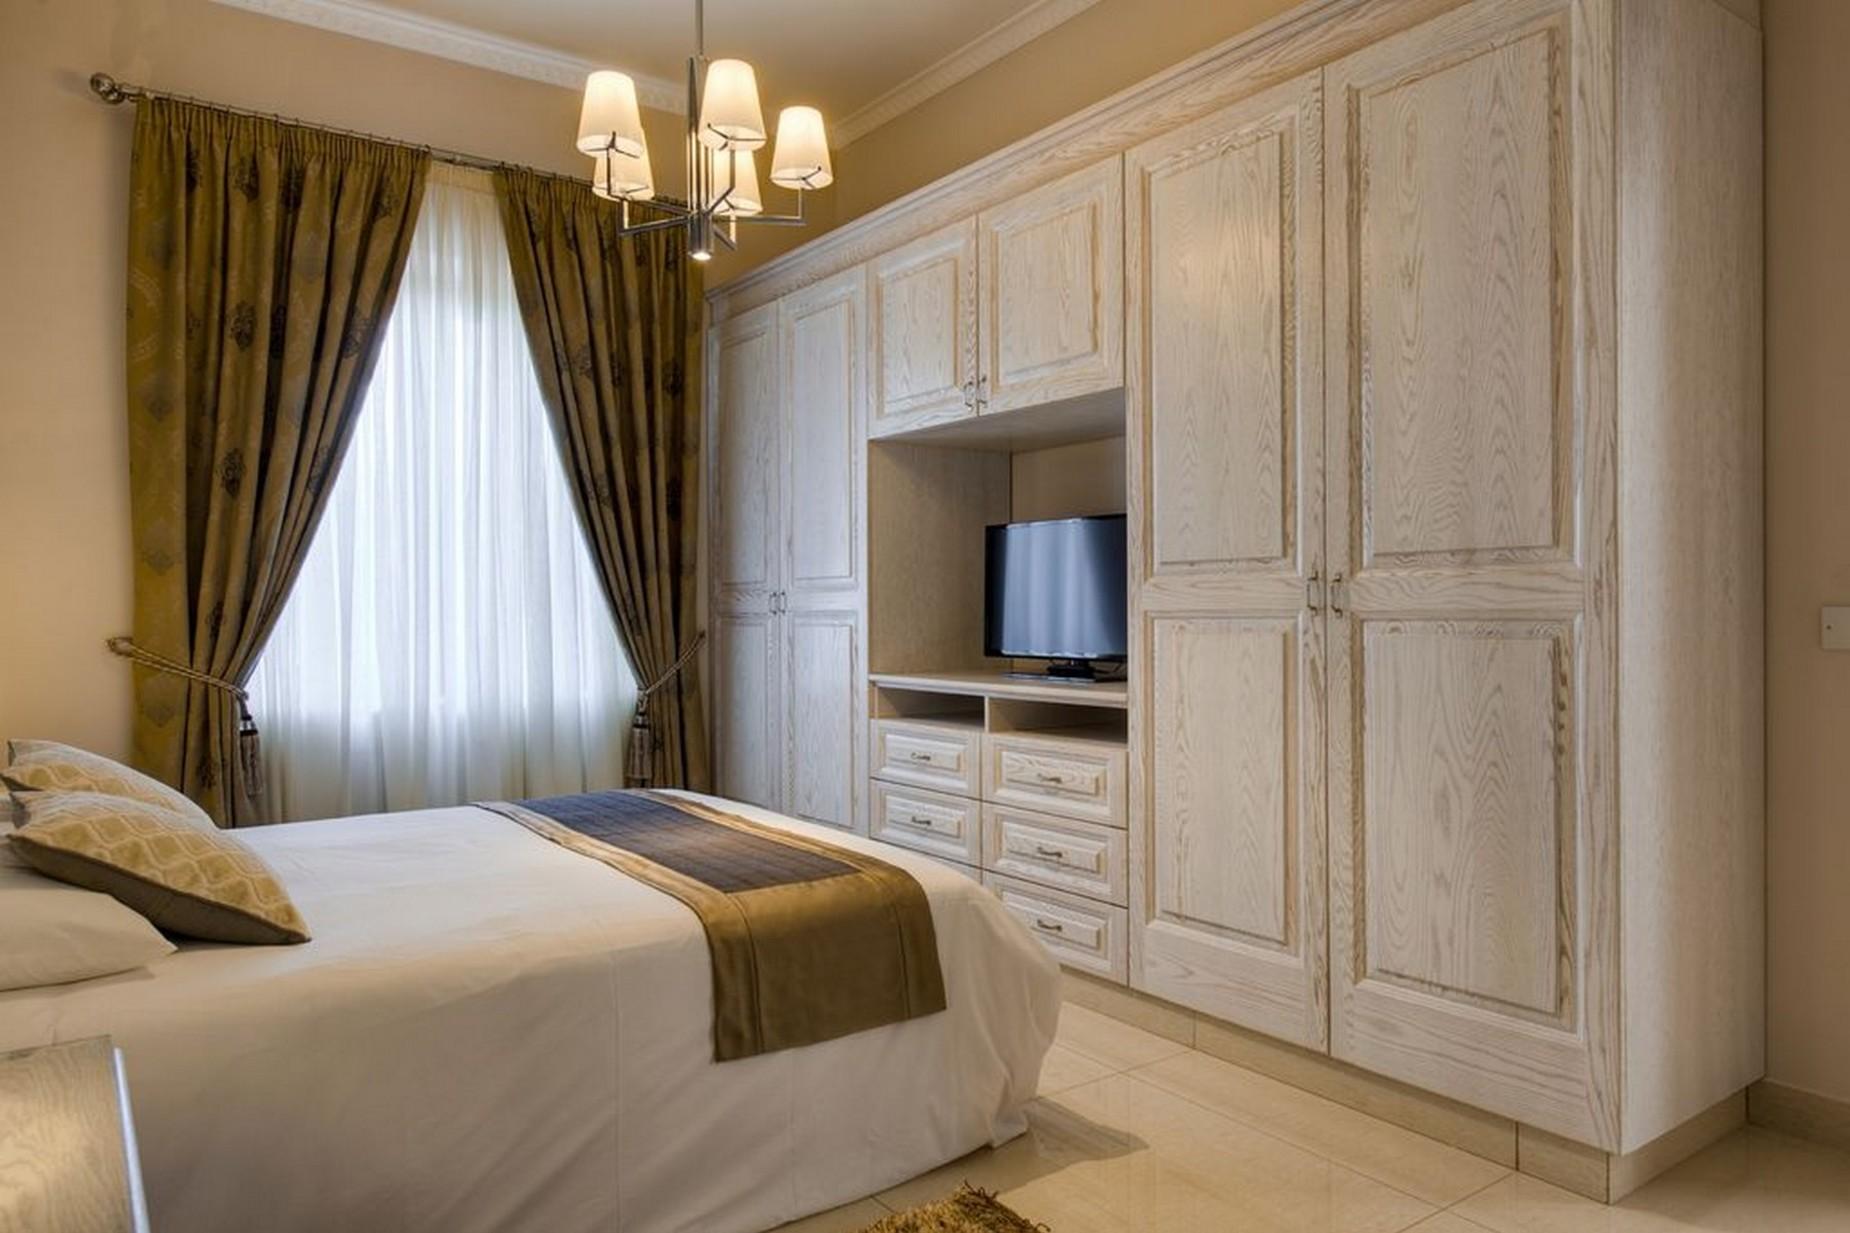 3 bed Villa For Rent in Zurrieq, Zurrieq - thumb 11